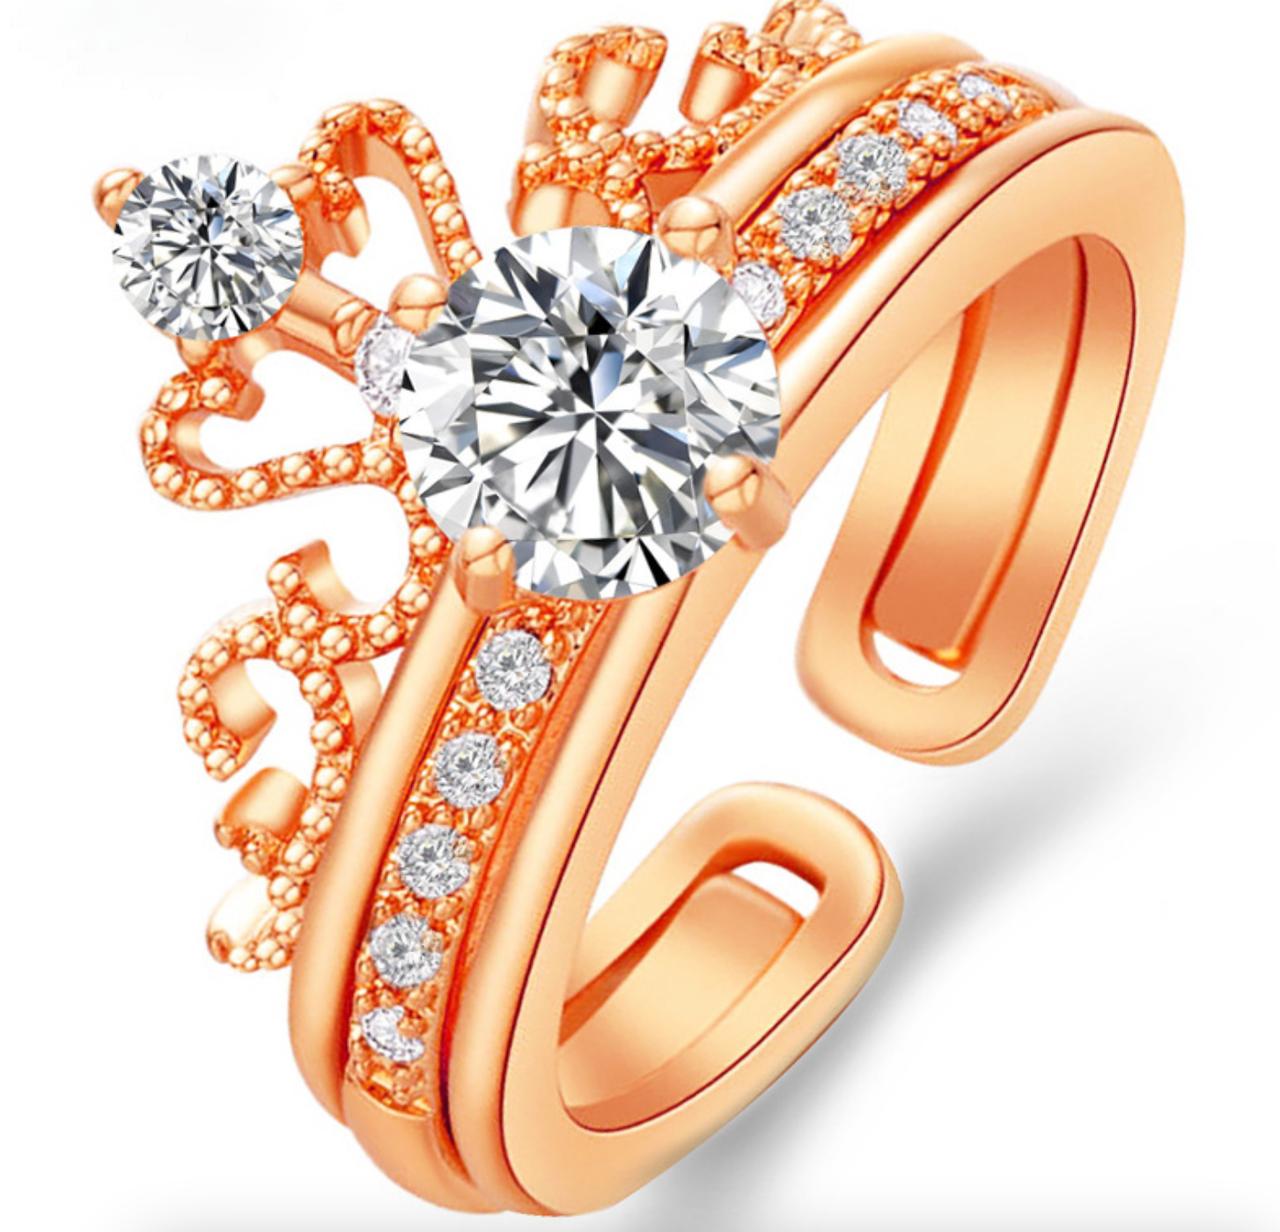 Кільце Жіноче City-A колір Золота Корона з Цирконієм 2 в 1 Регульоване Безрозмірне №3199